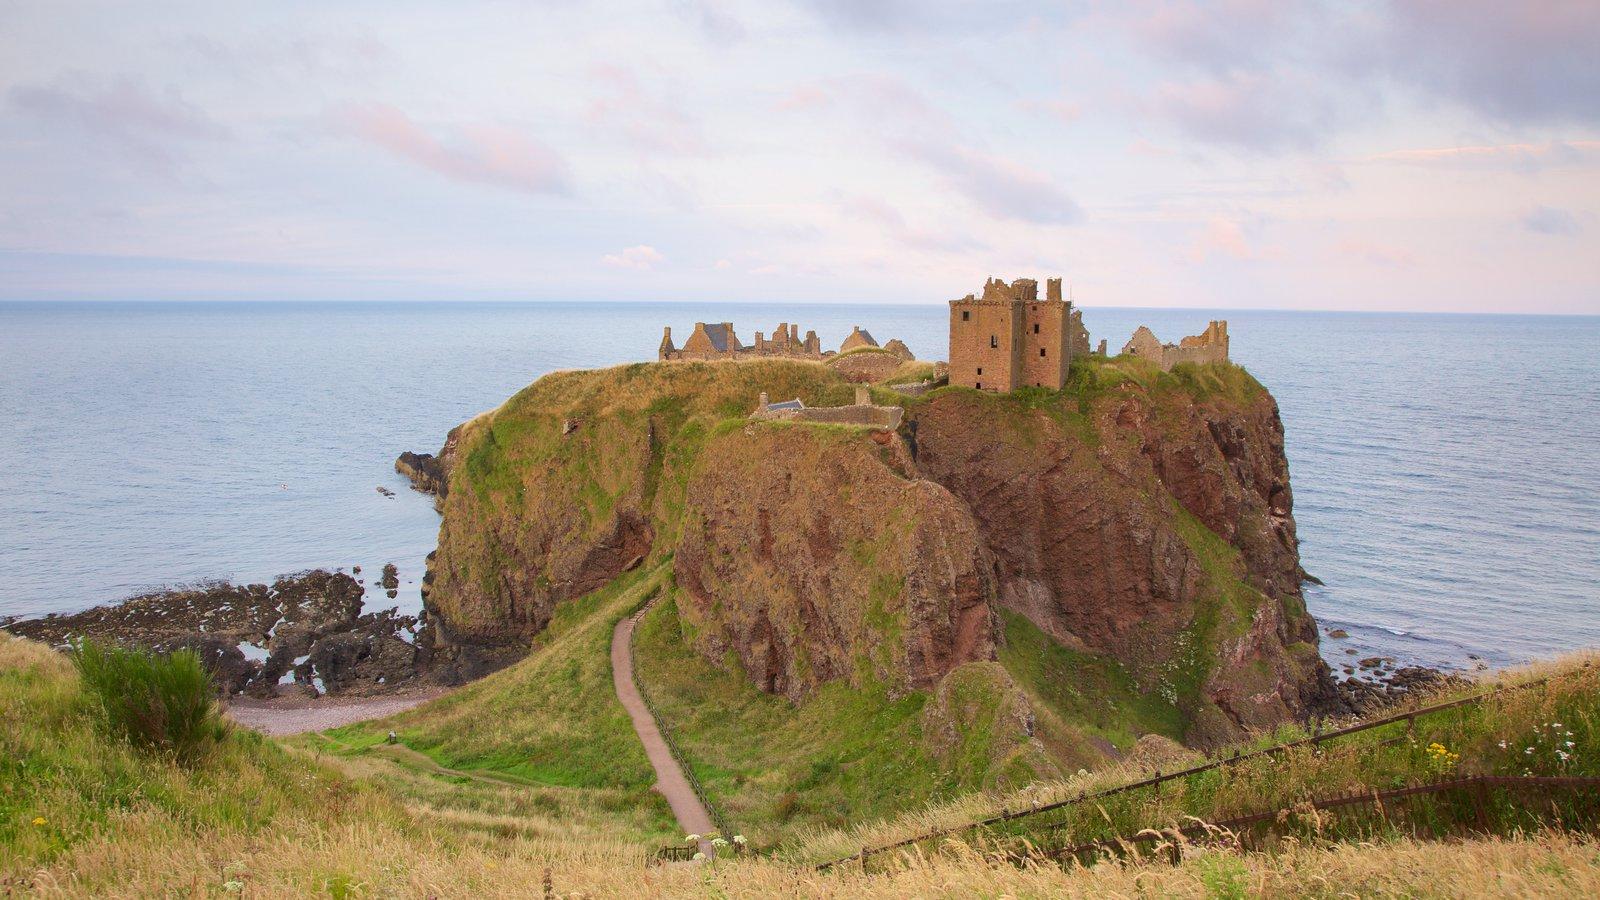 Dunnottar Castle ofreciendo castillo o palacio y tierras de cultivo